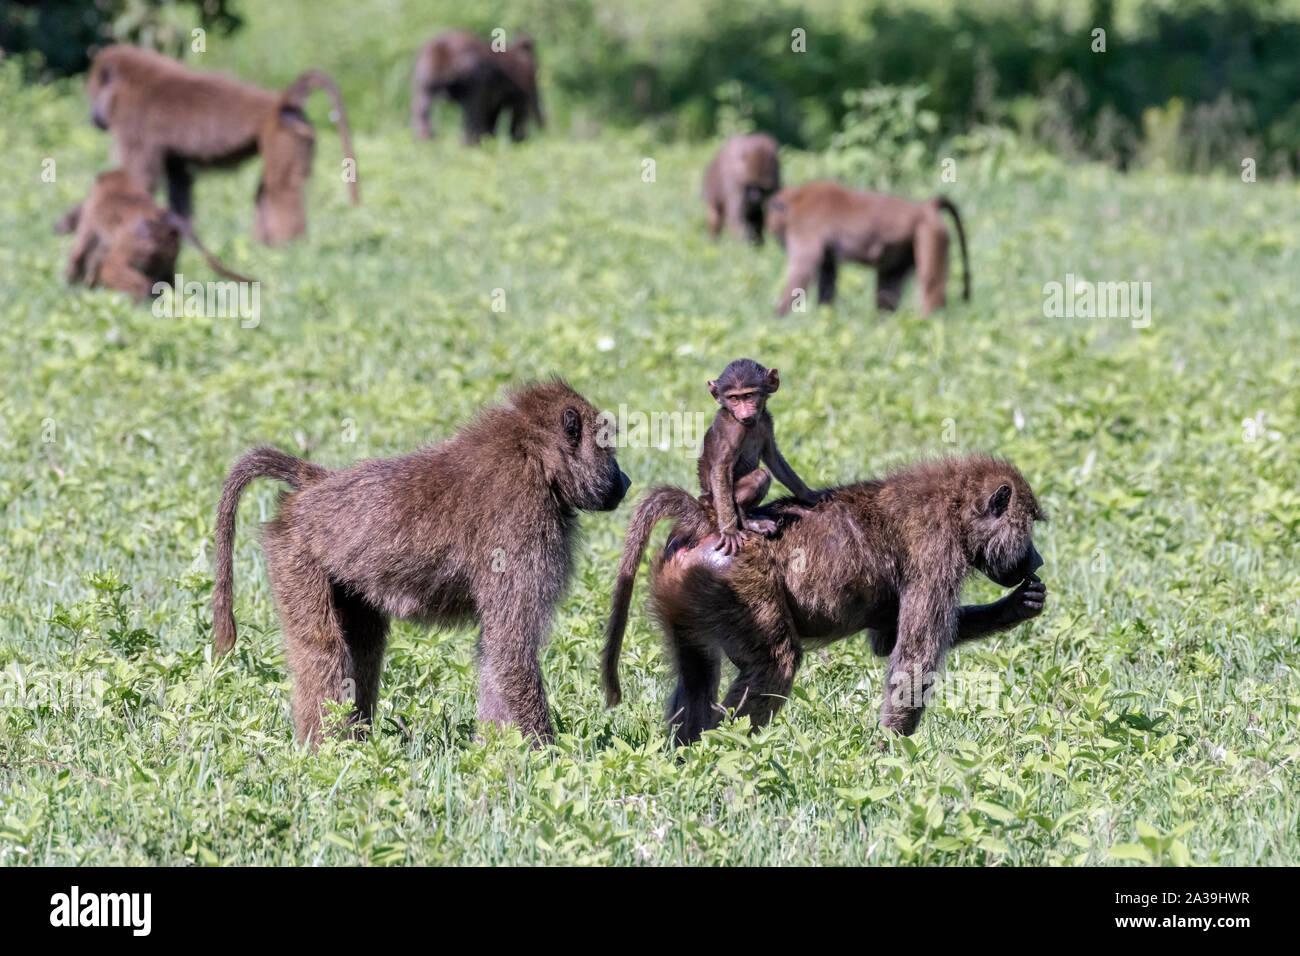 Demasiado cerca para la comodidad, el bebé babuino olivo reacciona a la presencia cercana de un gran Babuino, el cráter del Ngorongoro, Tanzania Foto de stock